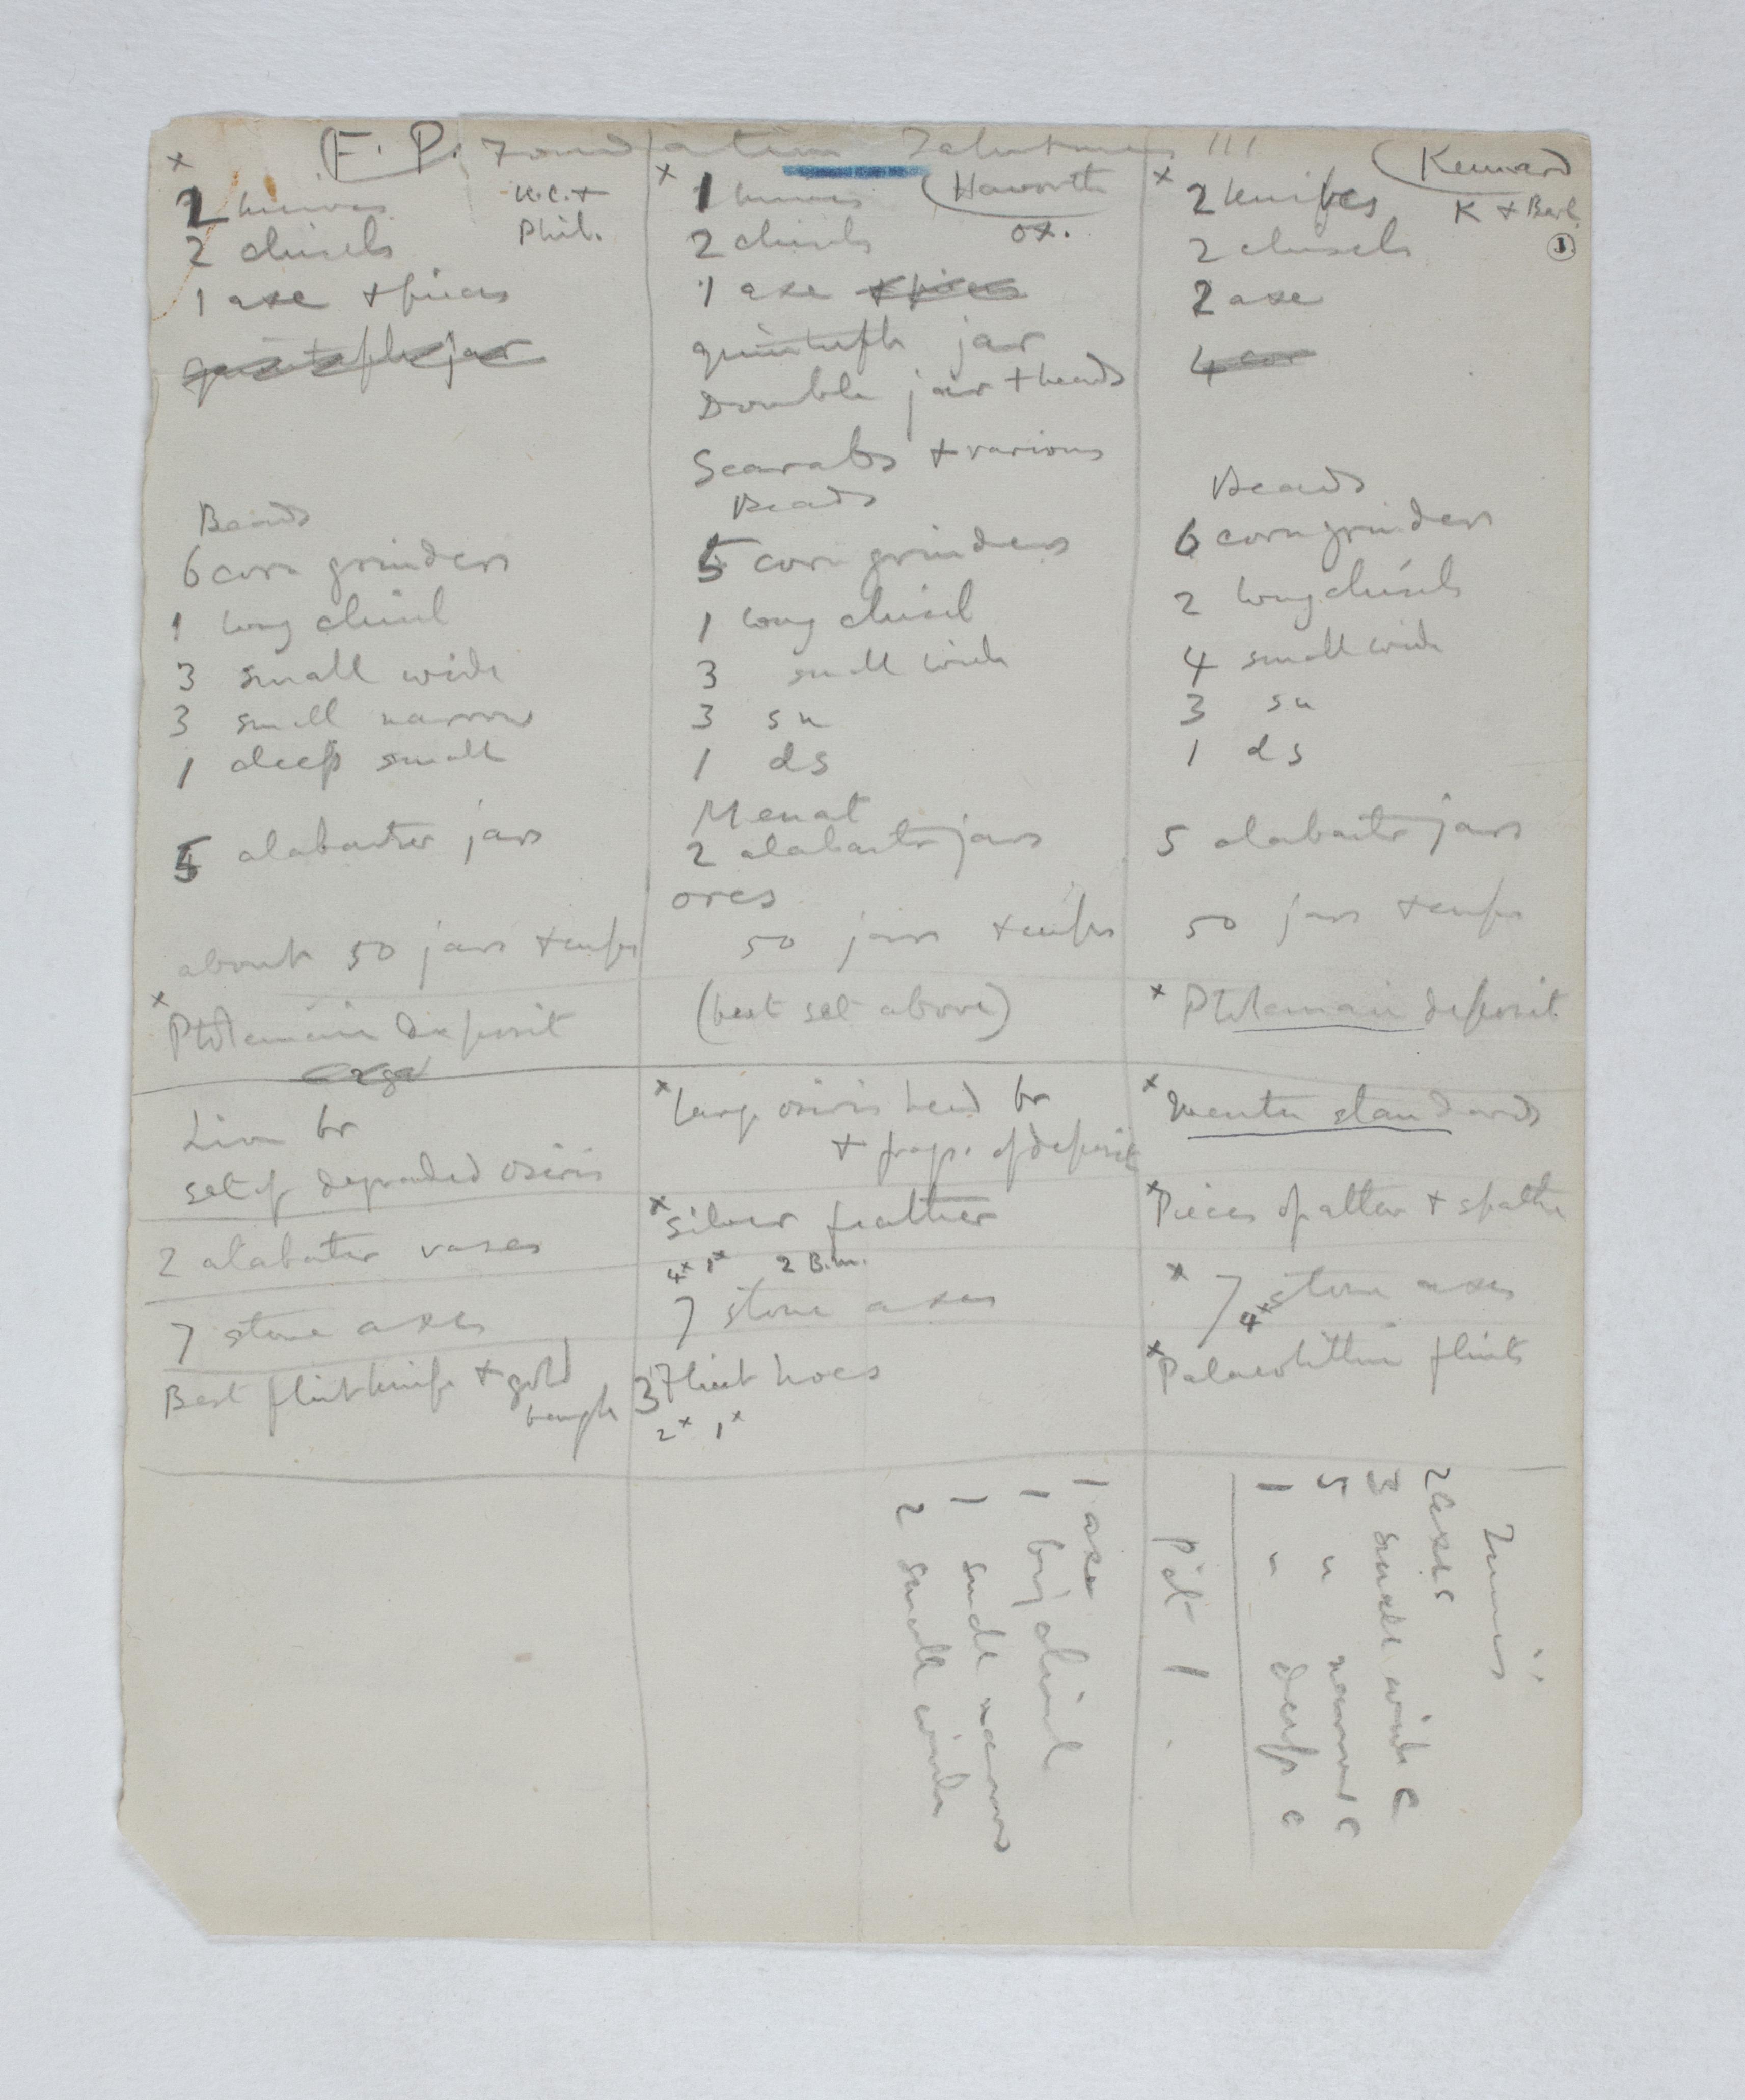 Koptos 1983-1894, Multiple Institution List, PMA/WFP1/D/2/1.1